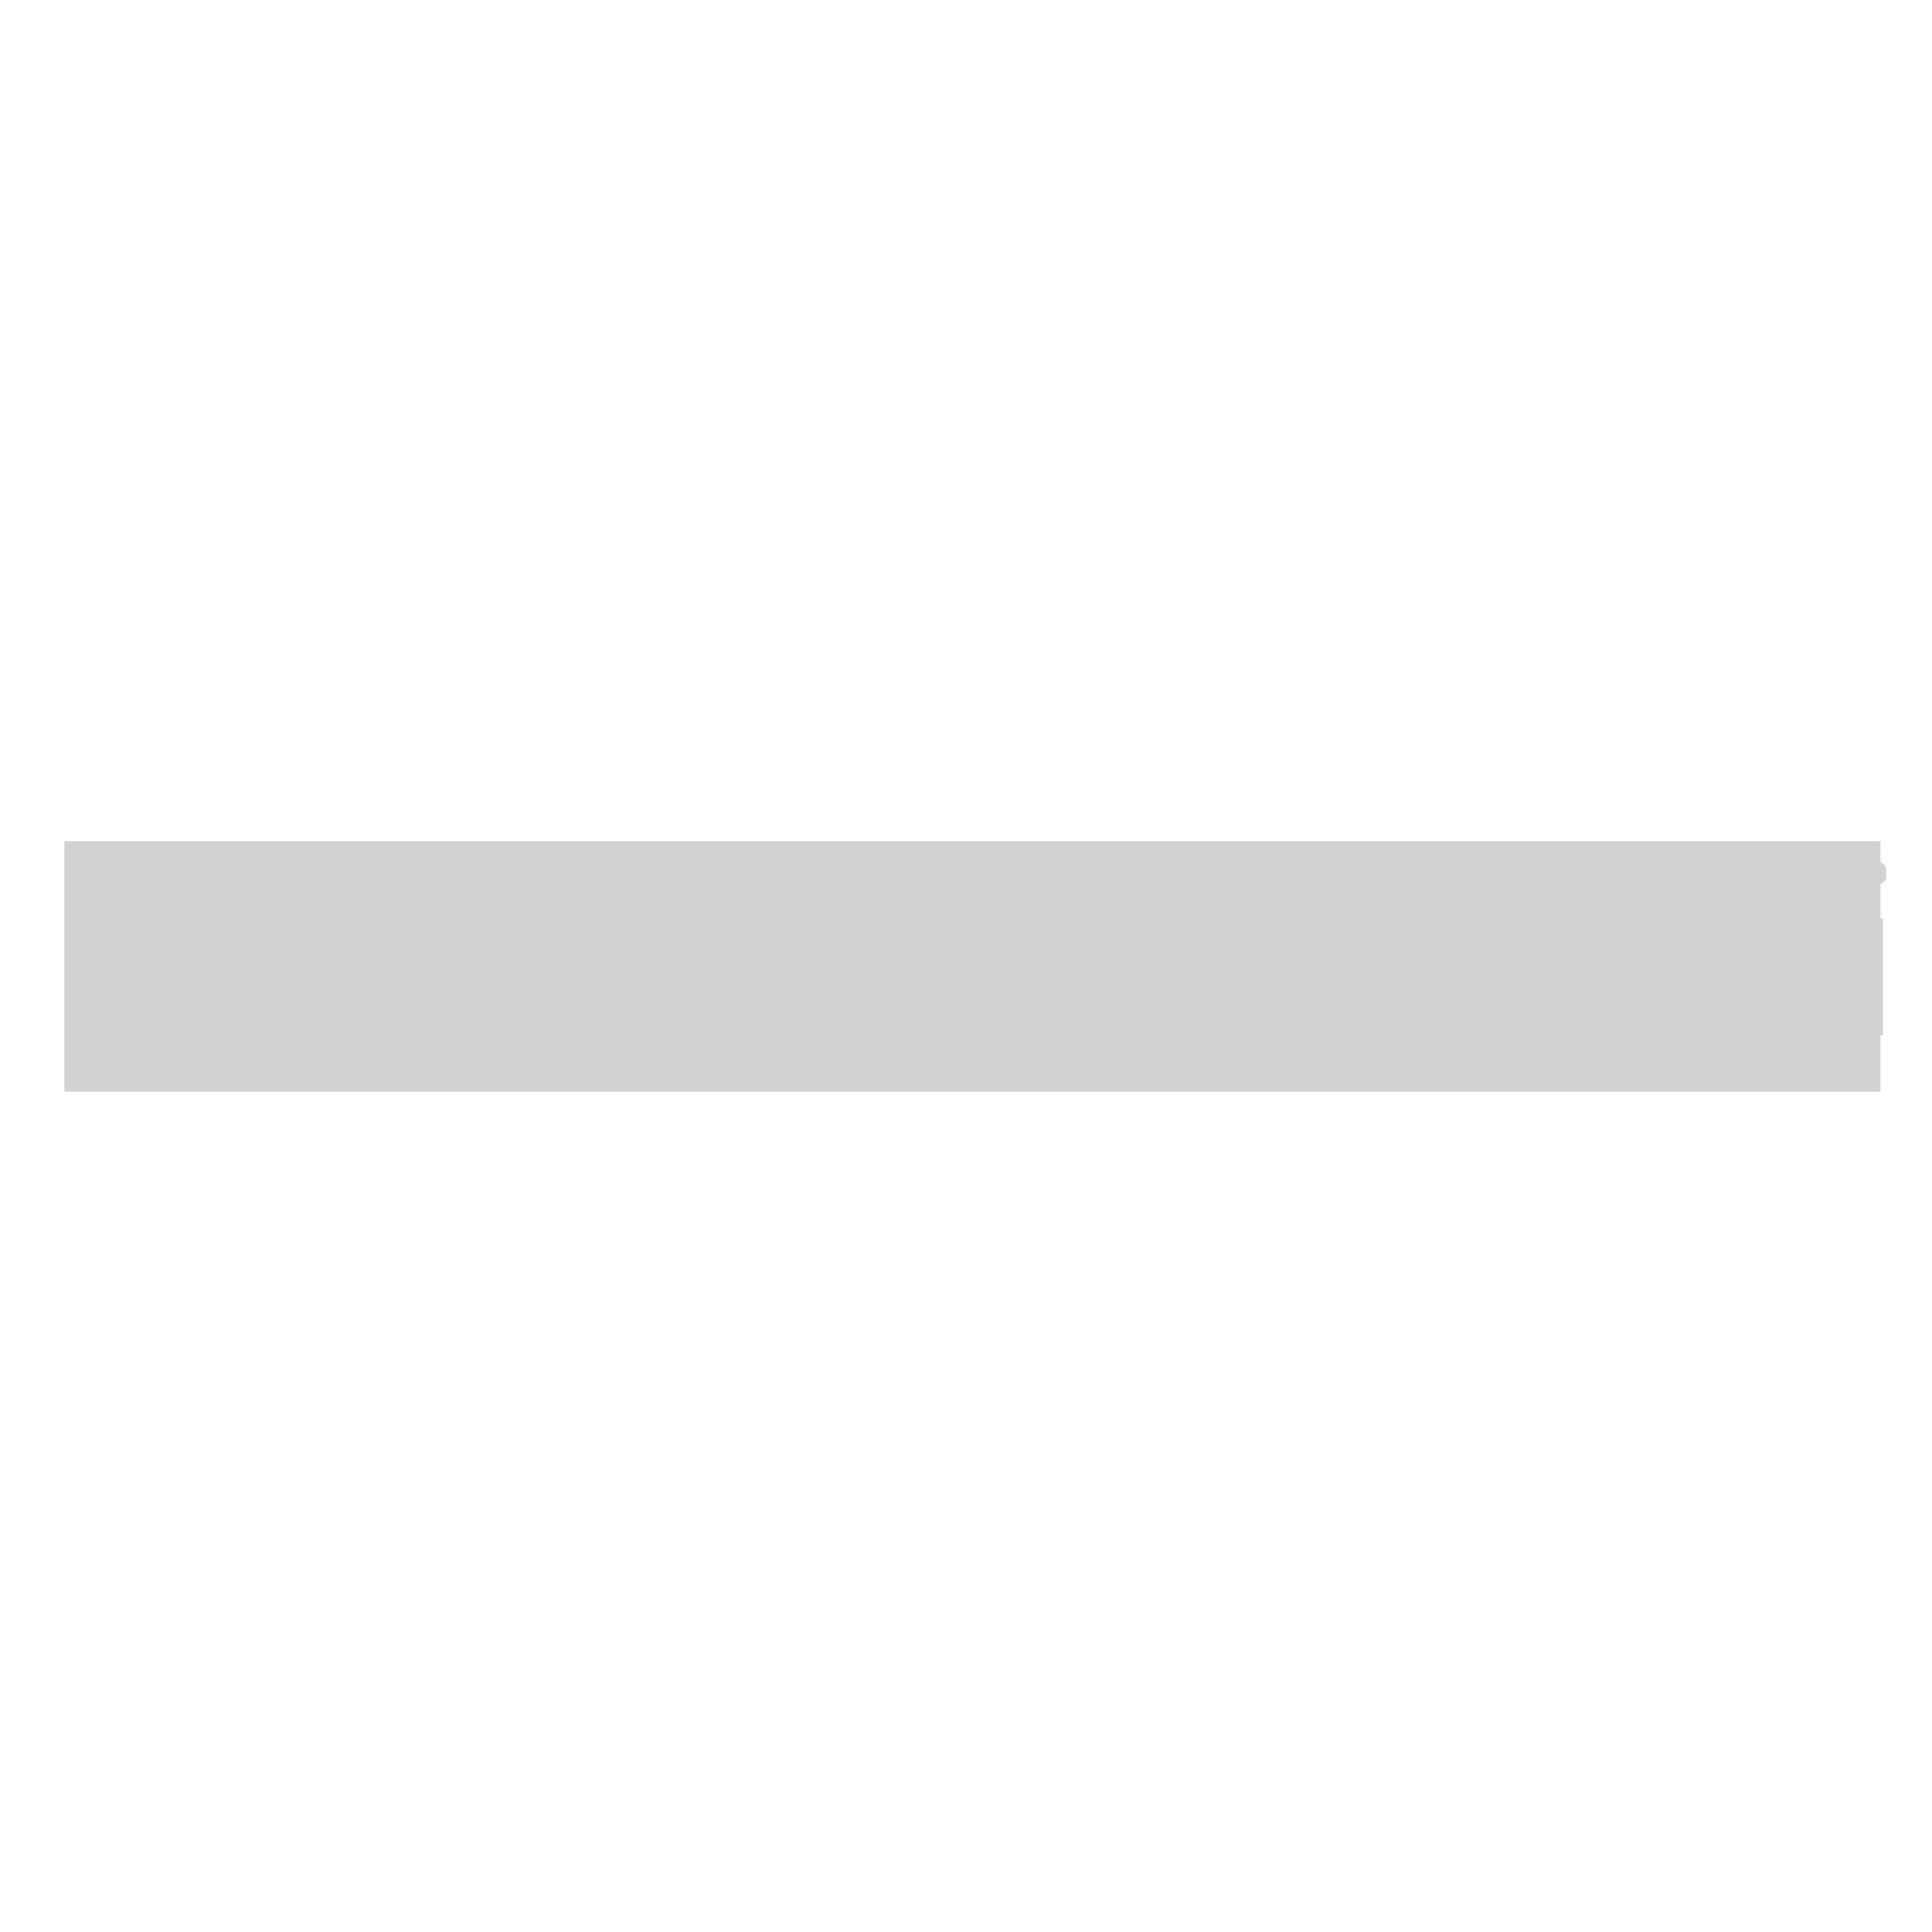 rosenf.png